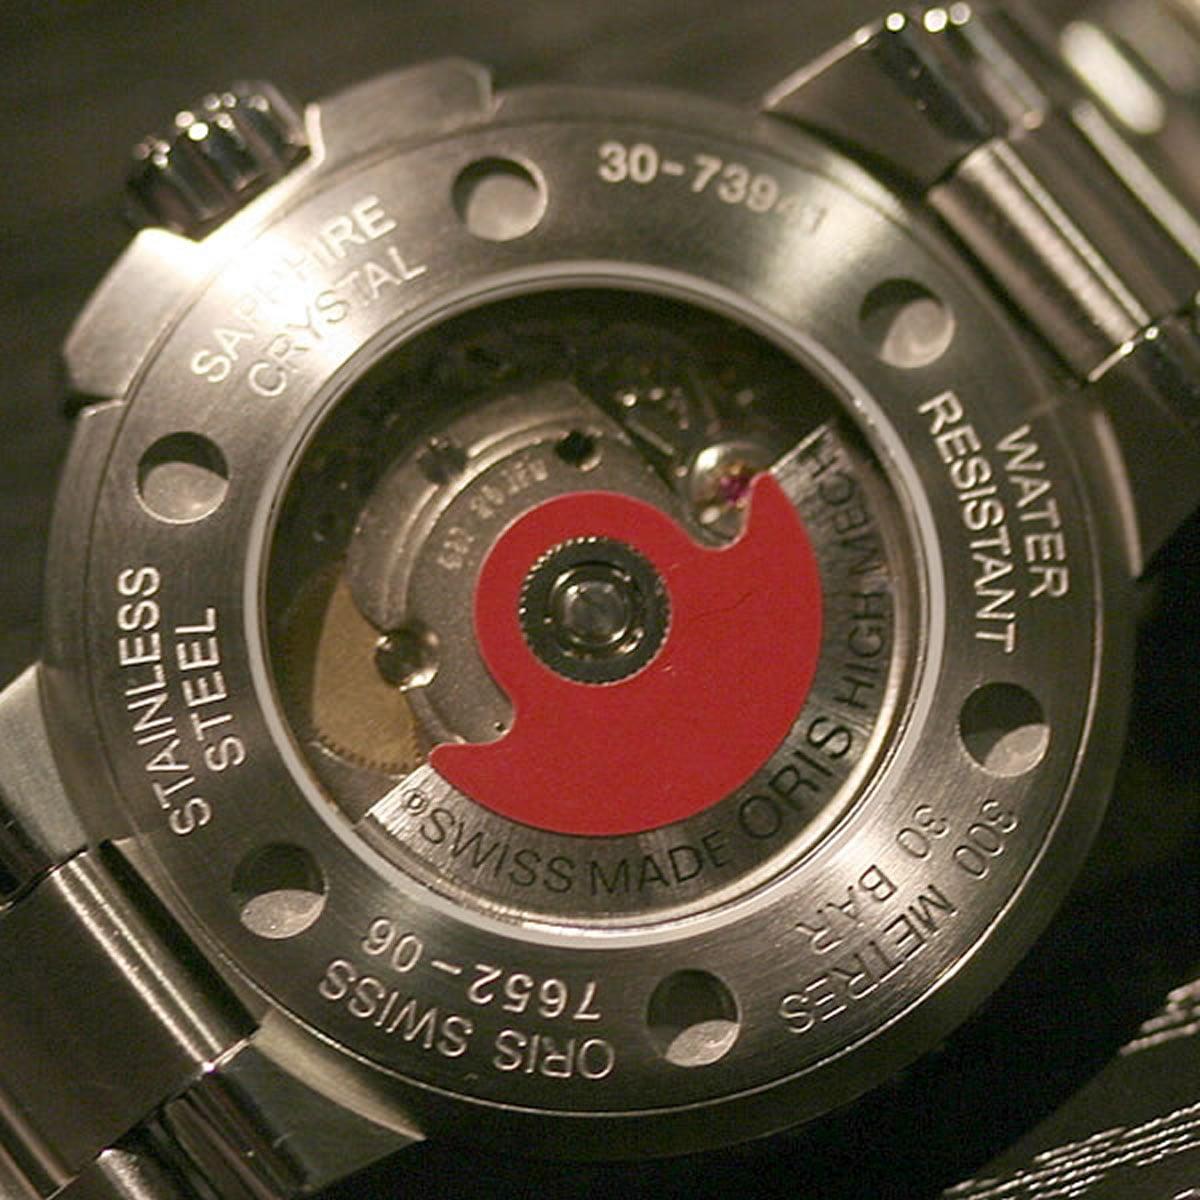 オリスを象徴するレッドローター   73376764154m